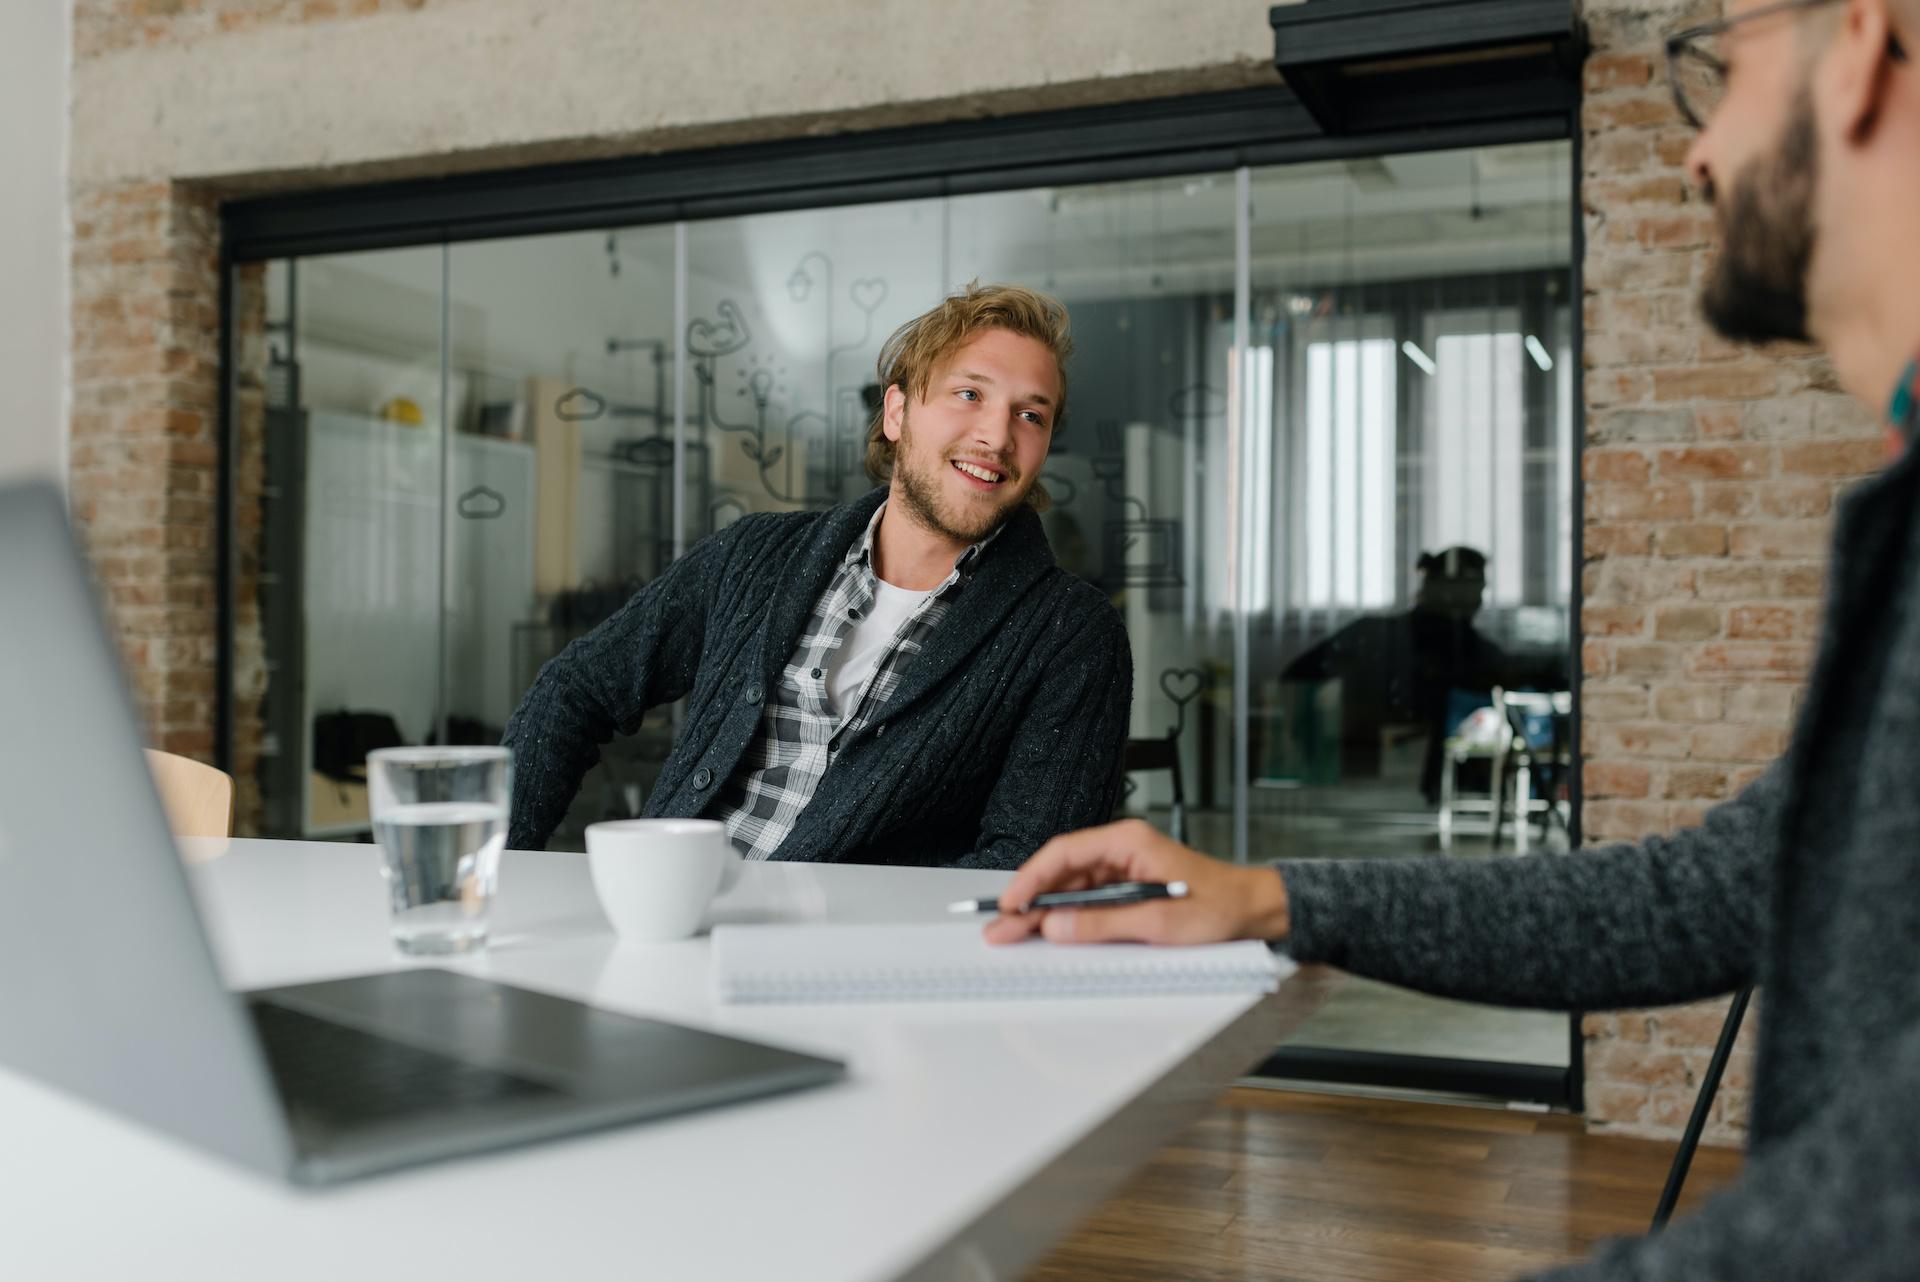 Photo: Djrandco, YFS Magazine, Adobe Stock